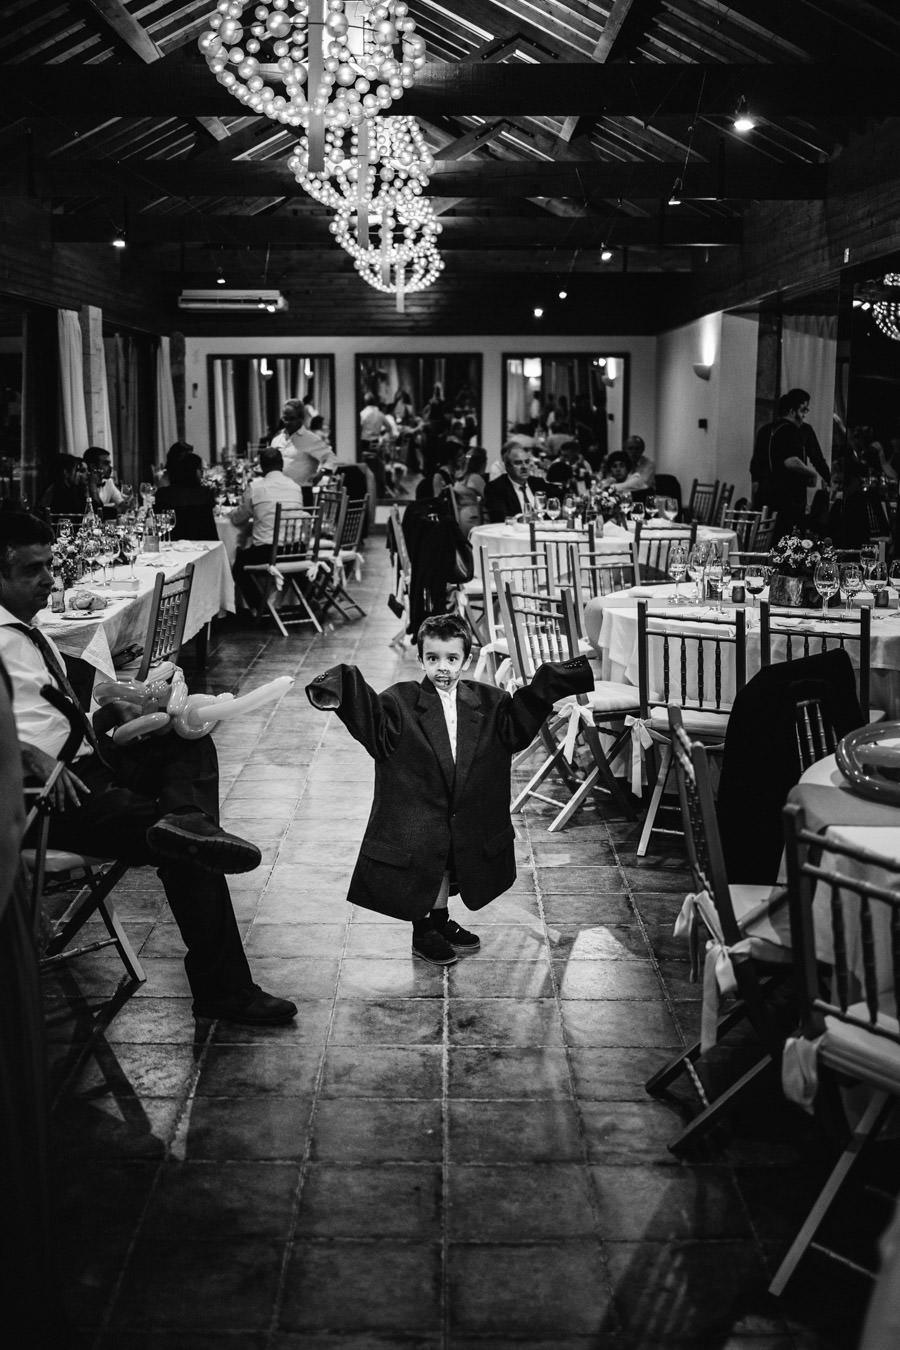 fotografia de casamento menino no casaco do pai